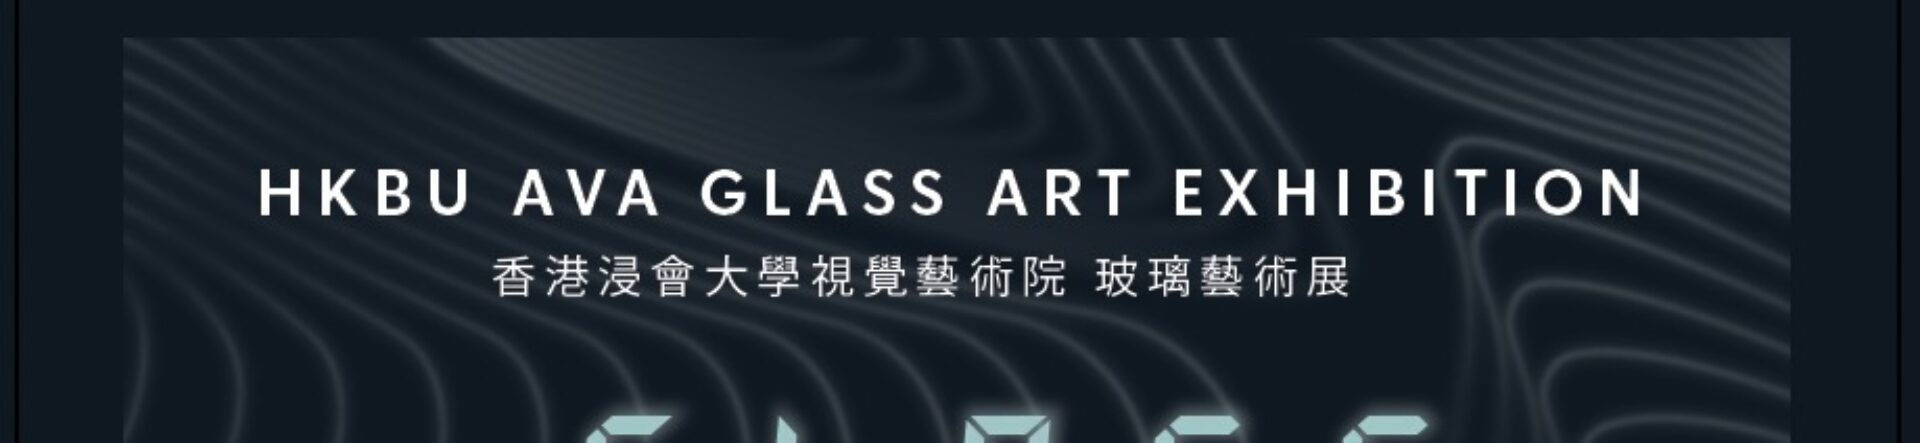 Glass Fever 2.0